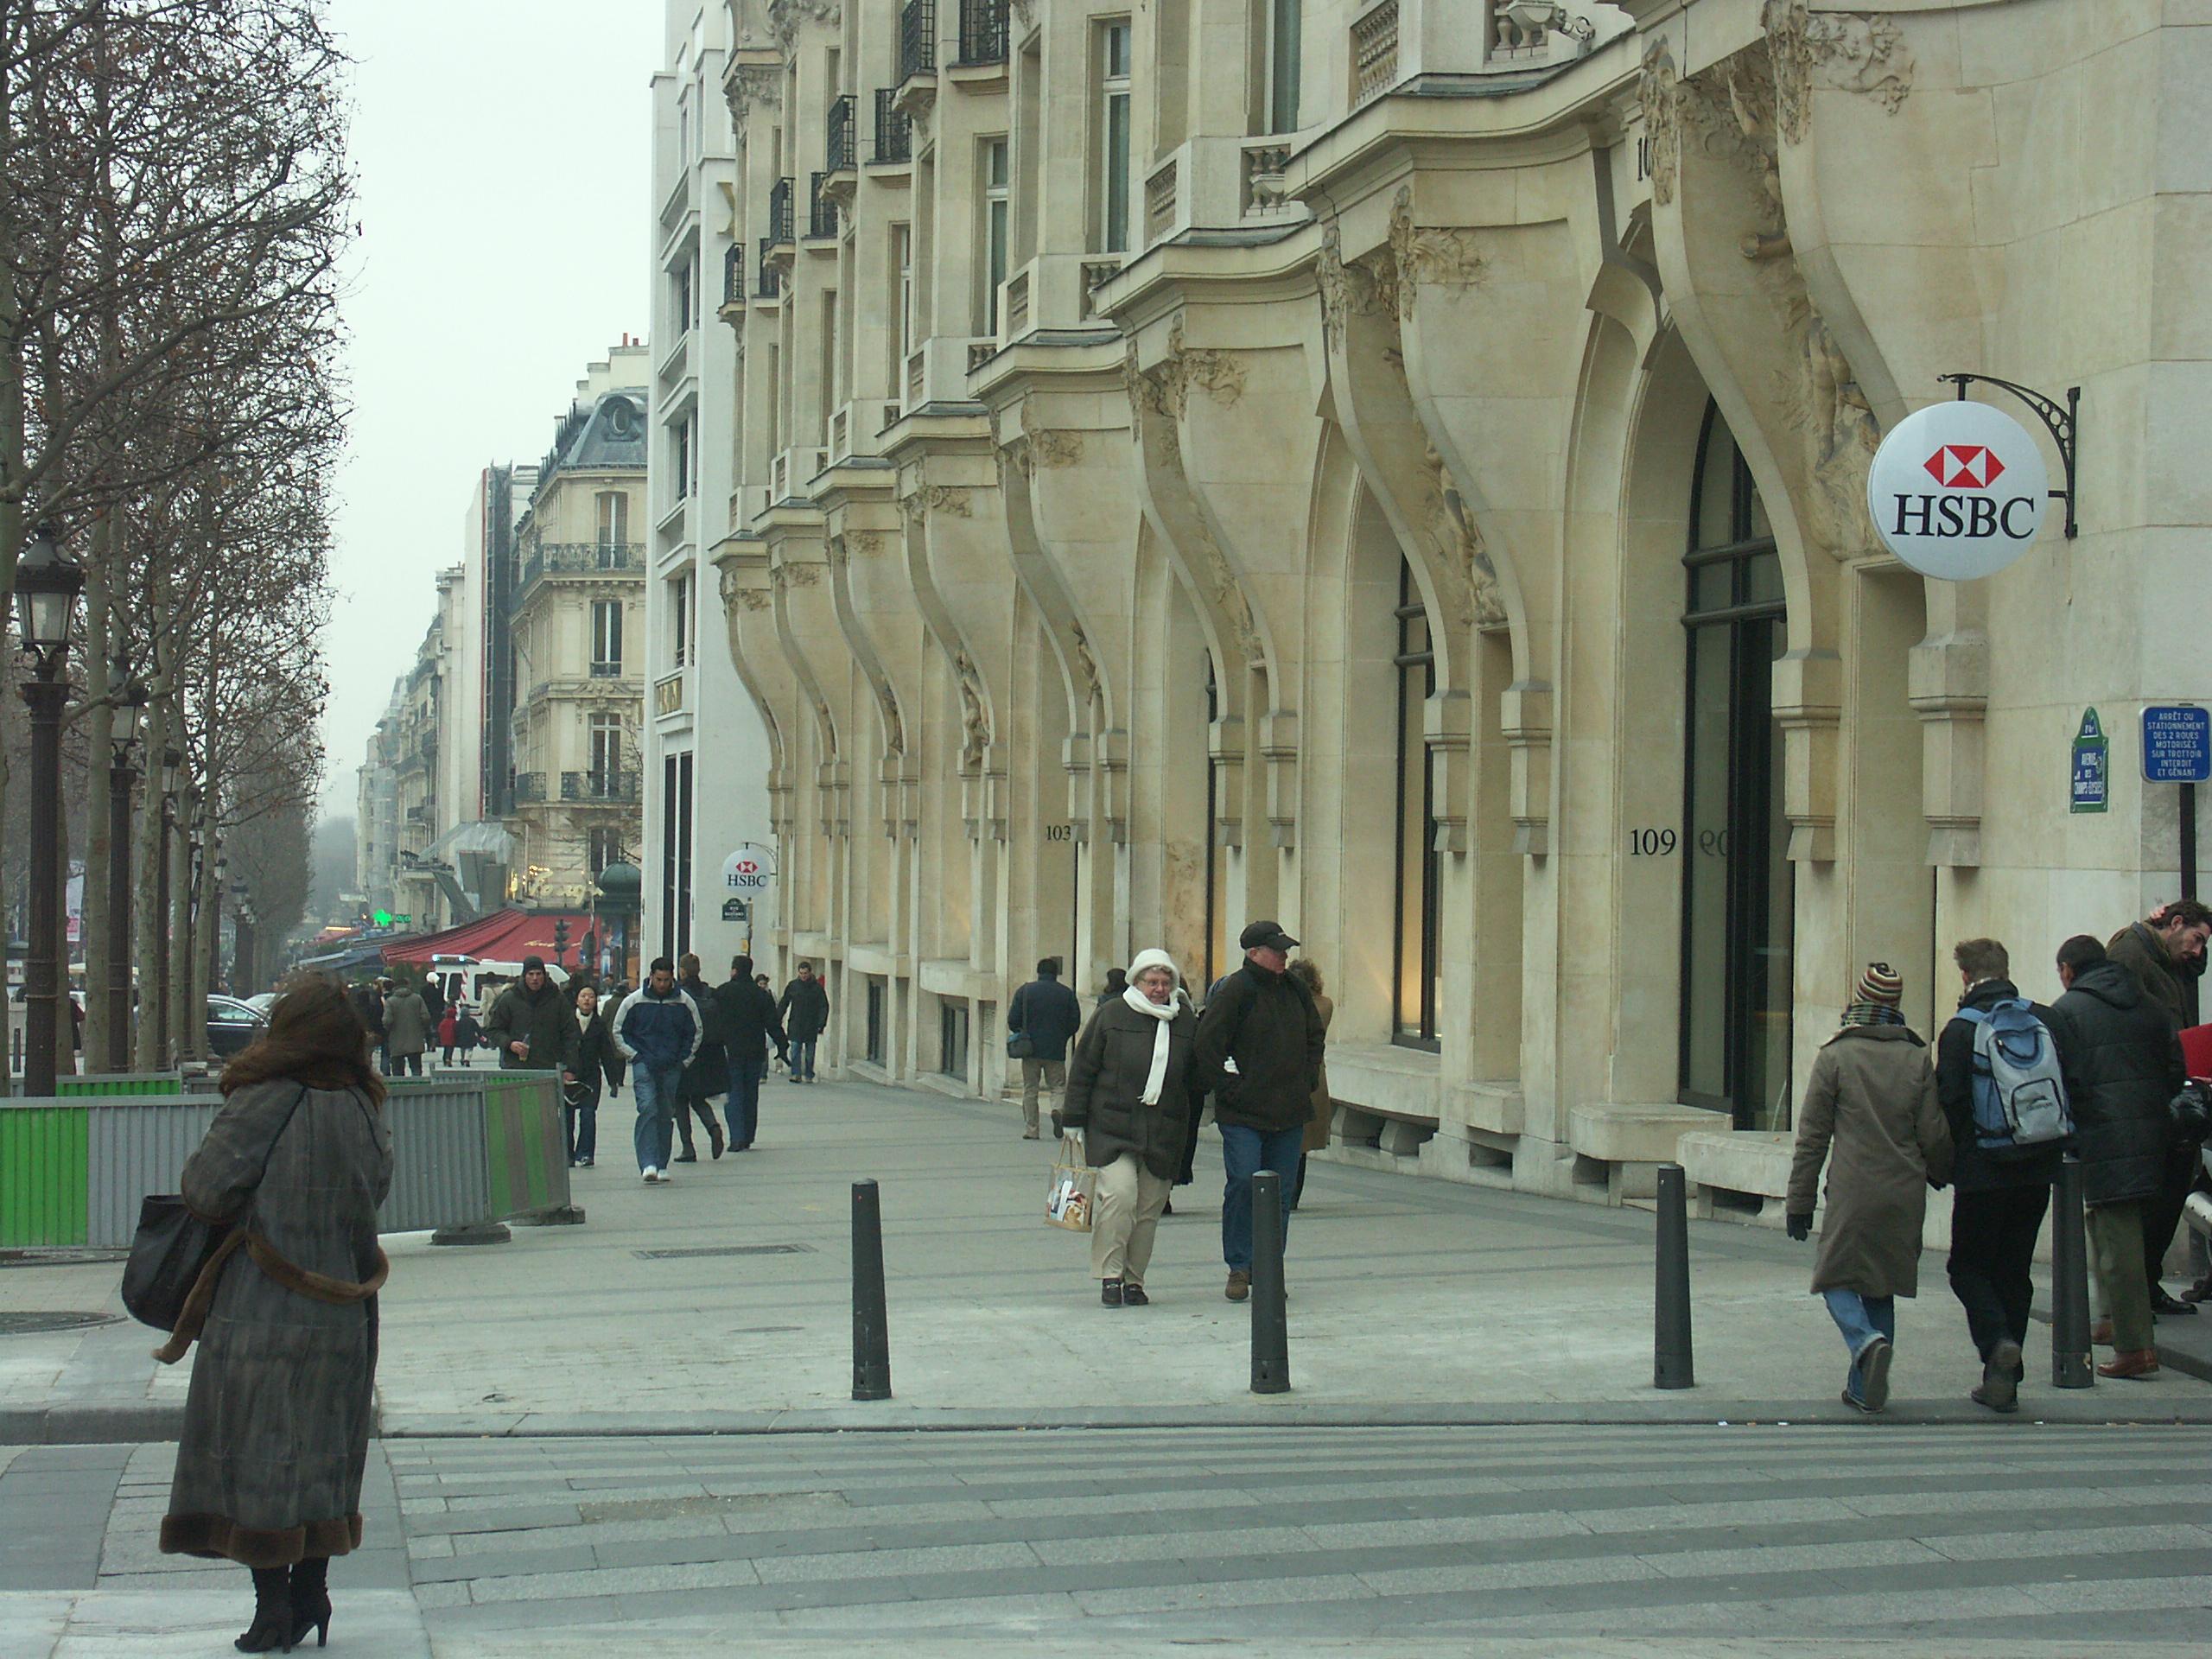 HSBC France - Wikipedia